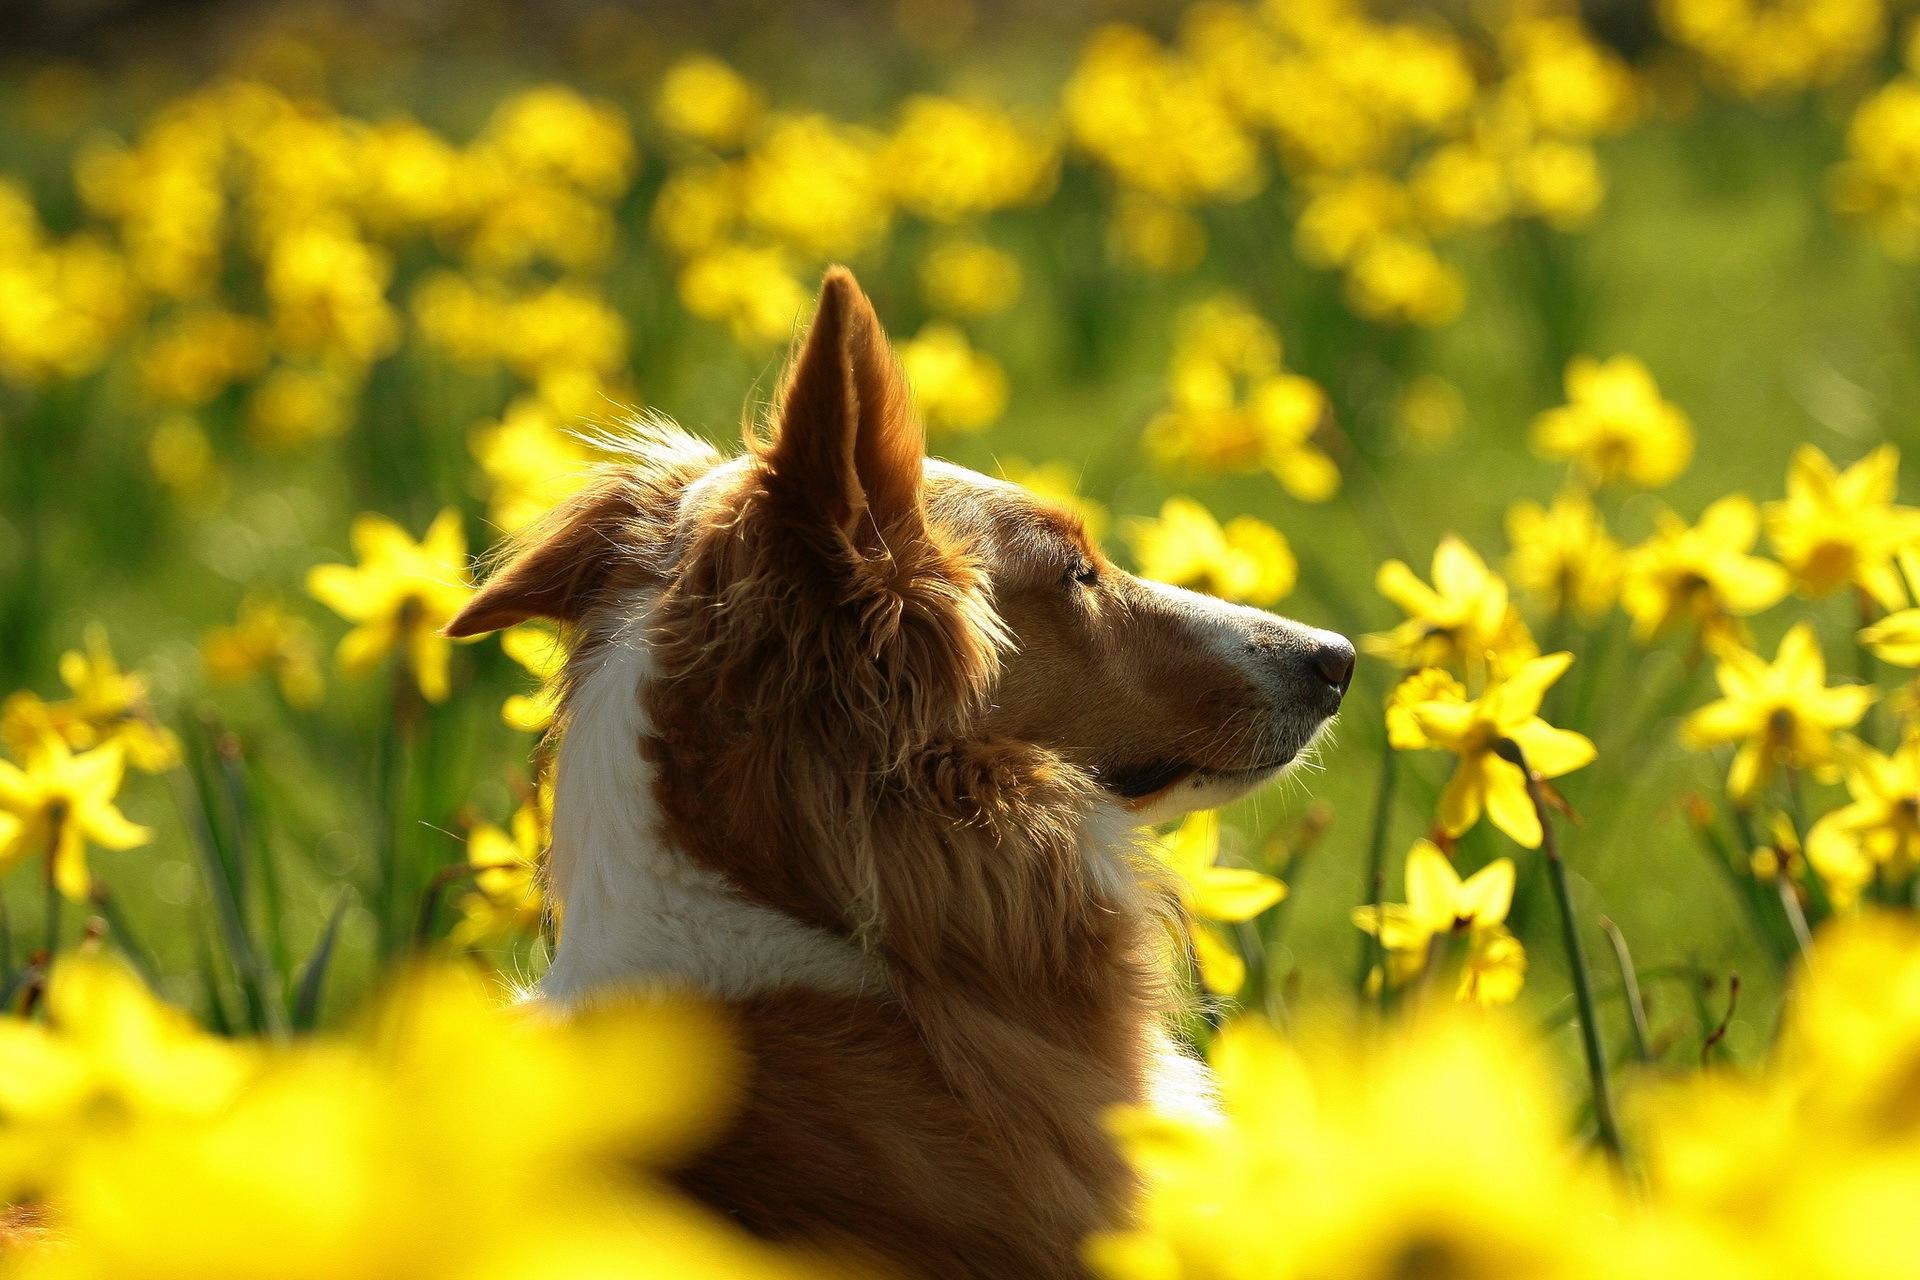 142882 скачать обои Животные, Собака, Морда, Профиль, Цветы - заставки и картинки бесплатно